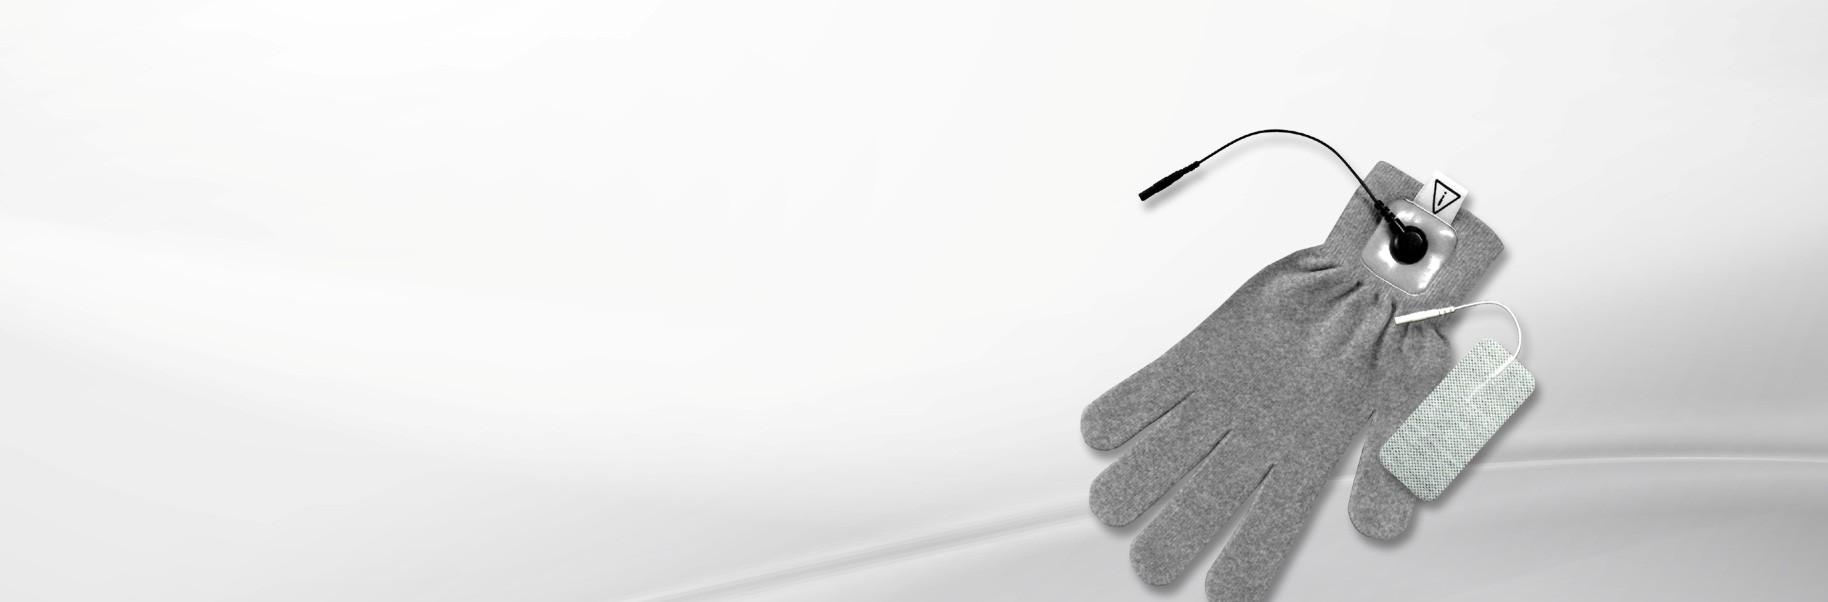 Elektroden und Sonden für TENS-, EMS-, EMG-Therapiegeräte